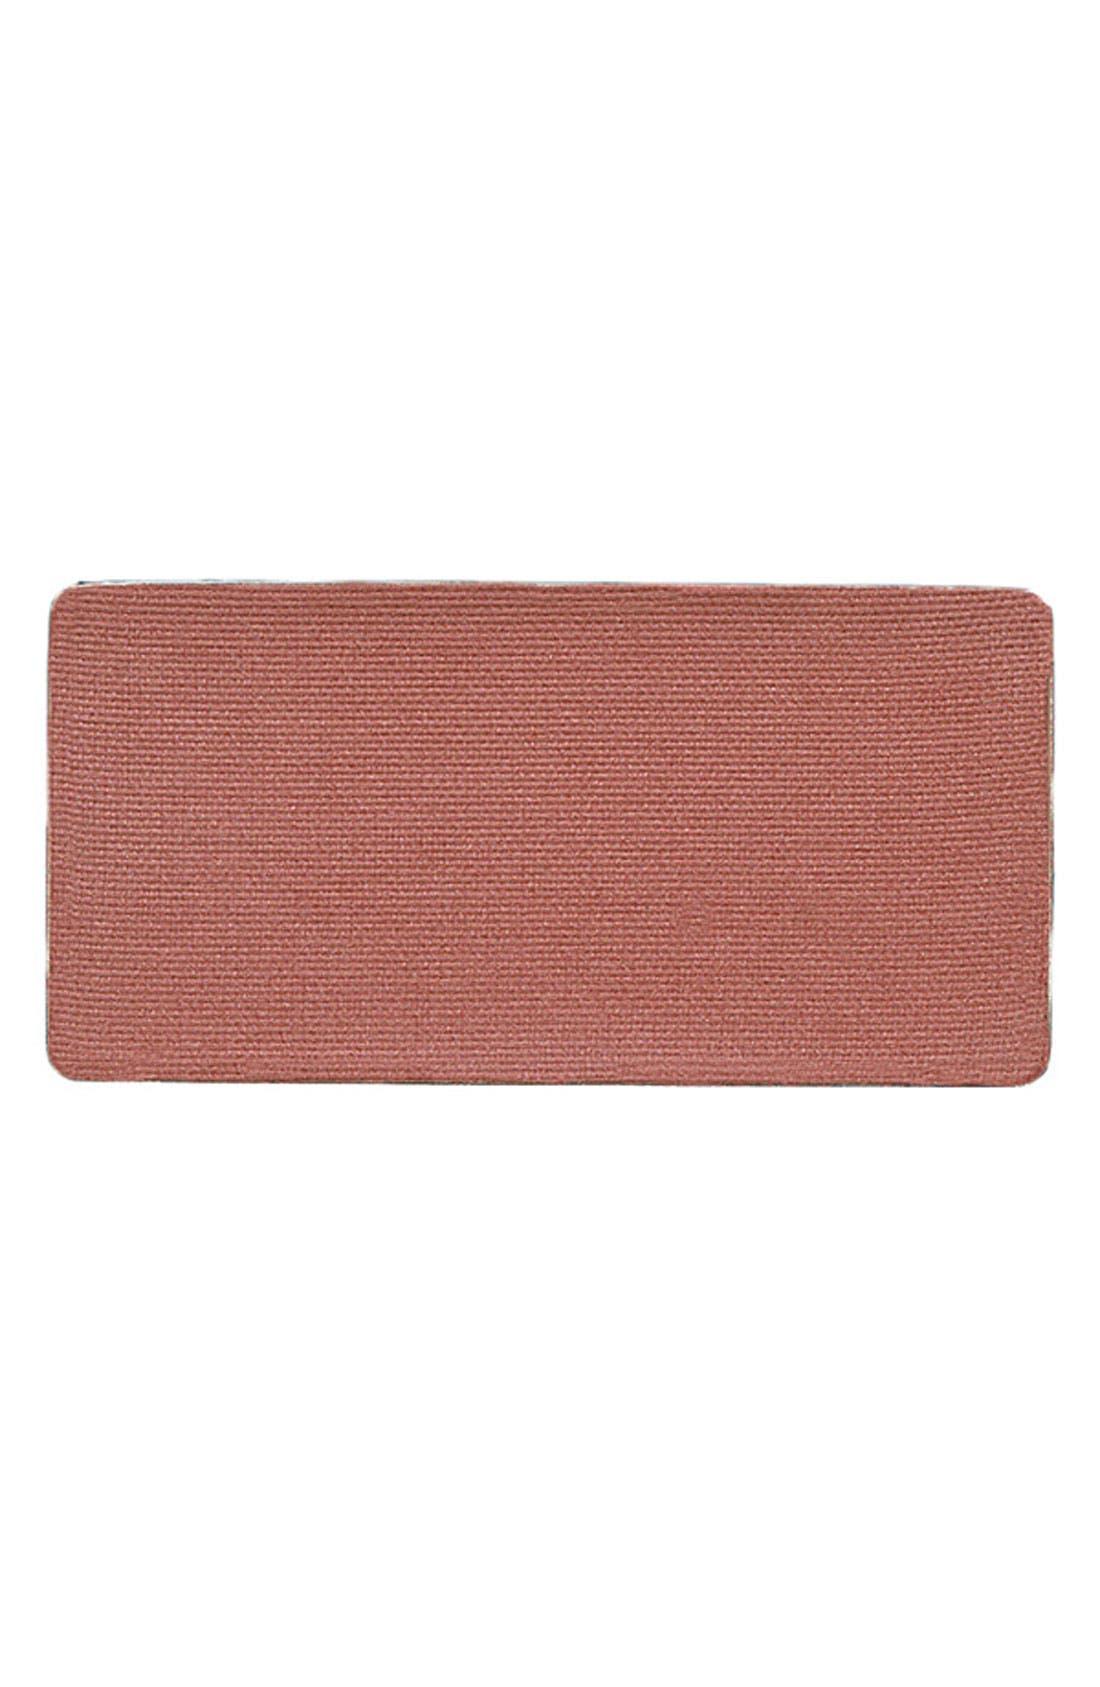 TRISH MCEVOY Powder Blush Refill, Main, color, NO_COLOR